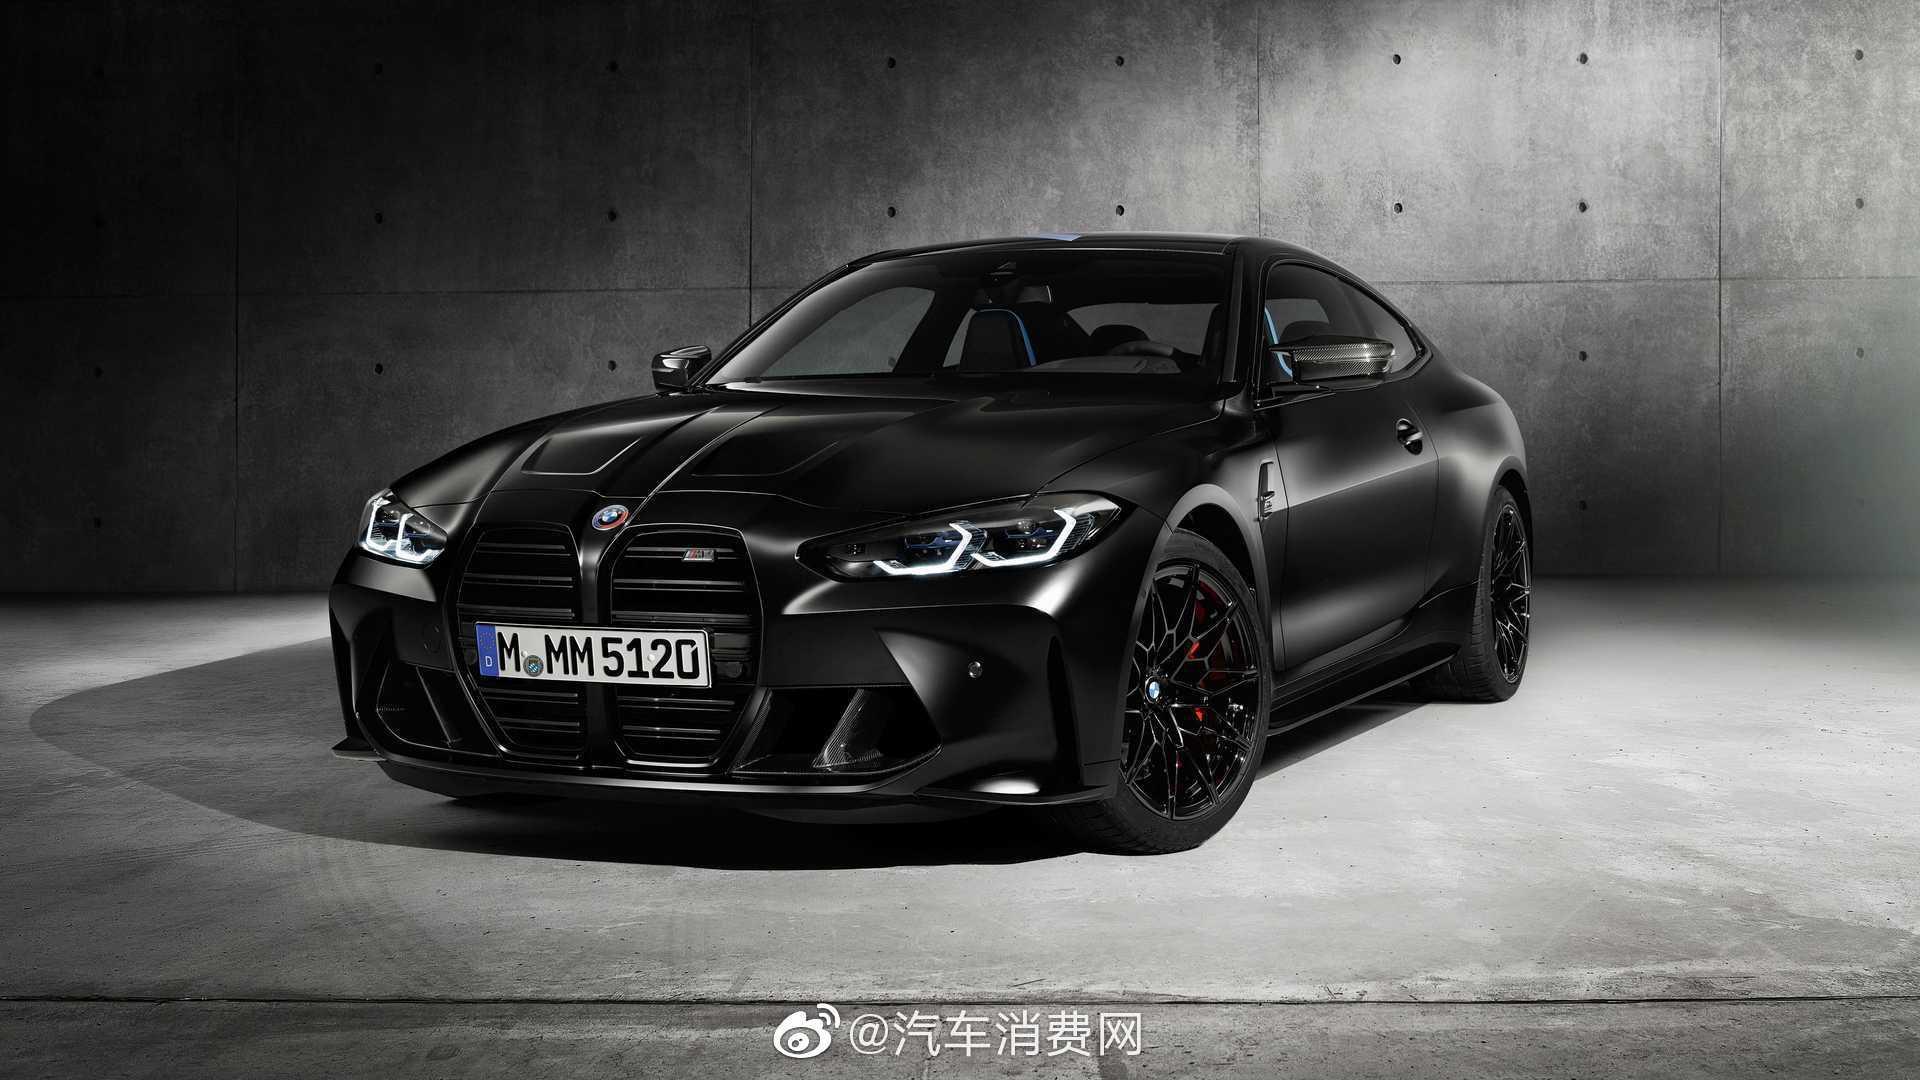 近日,宝马汽车对外发布了新一代M4雷霆版xKITH特别版的官图……